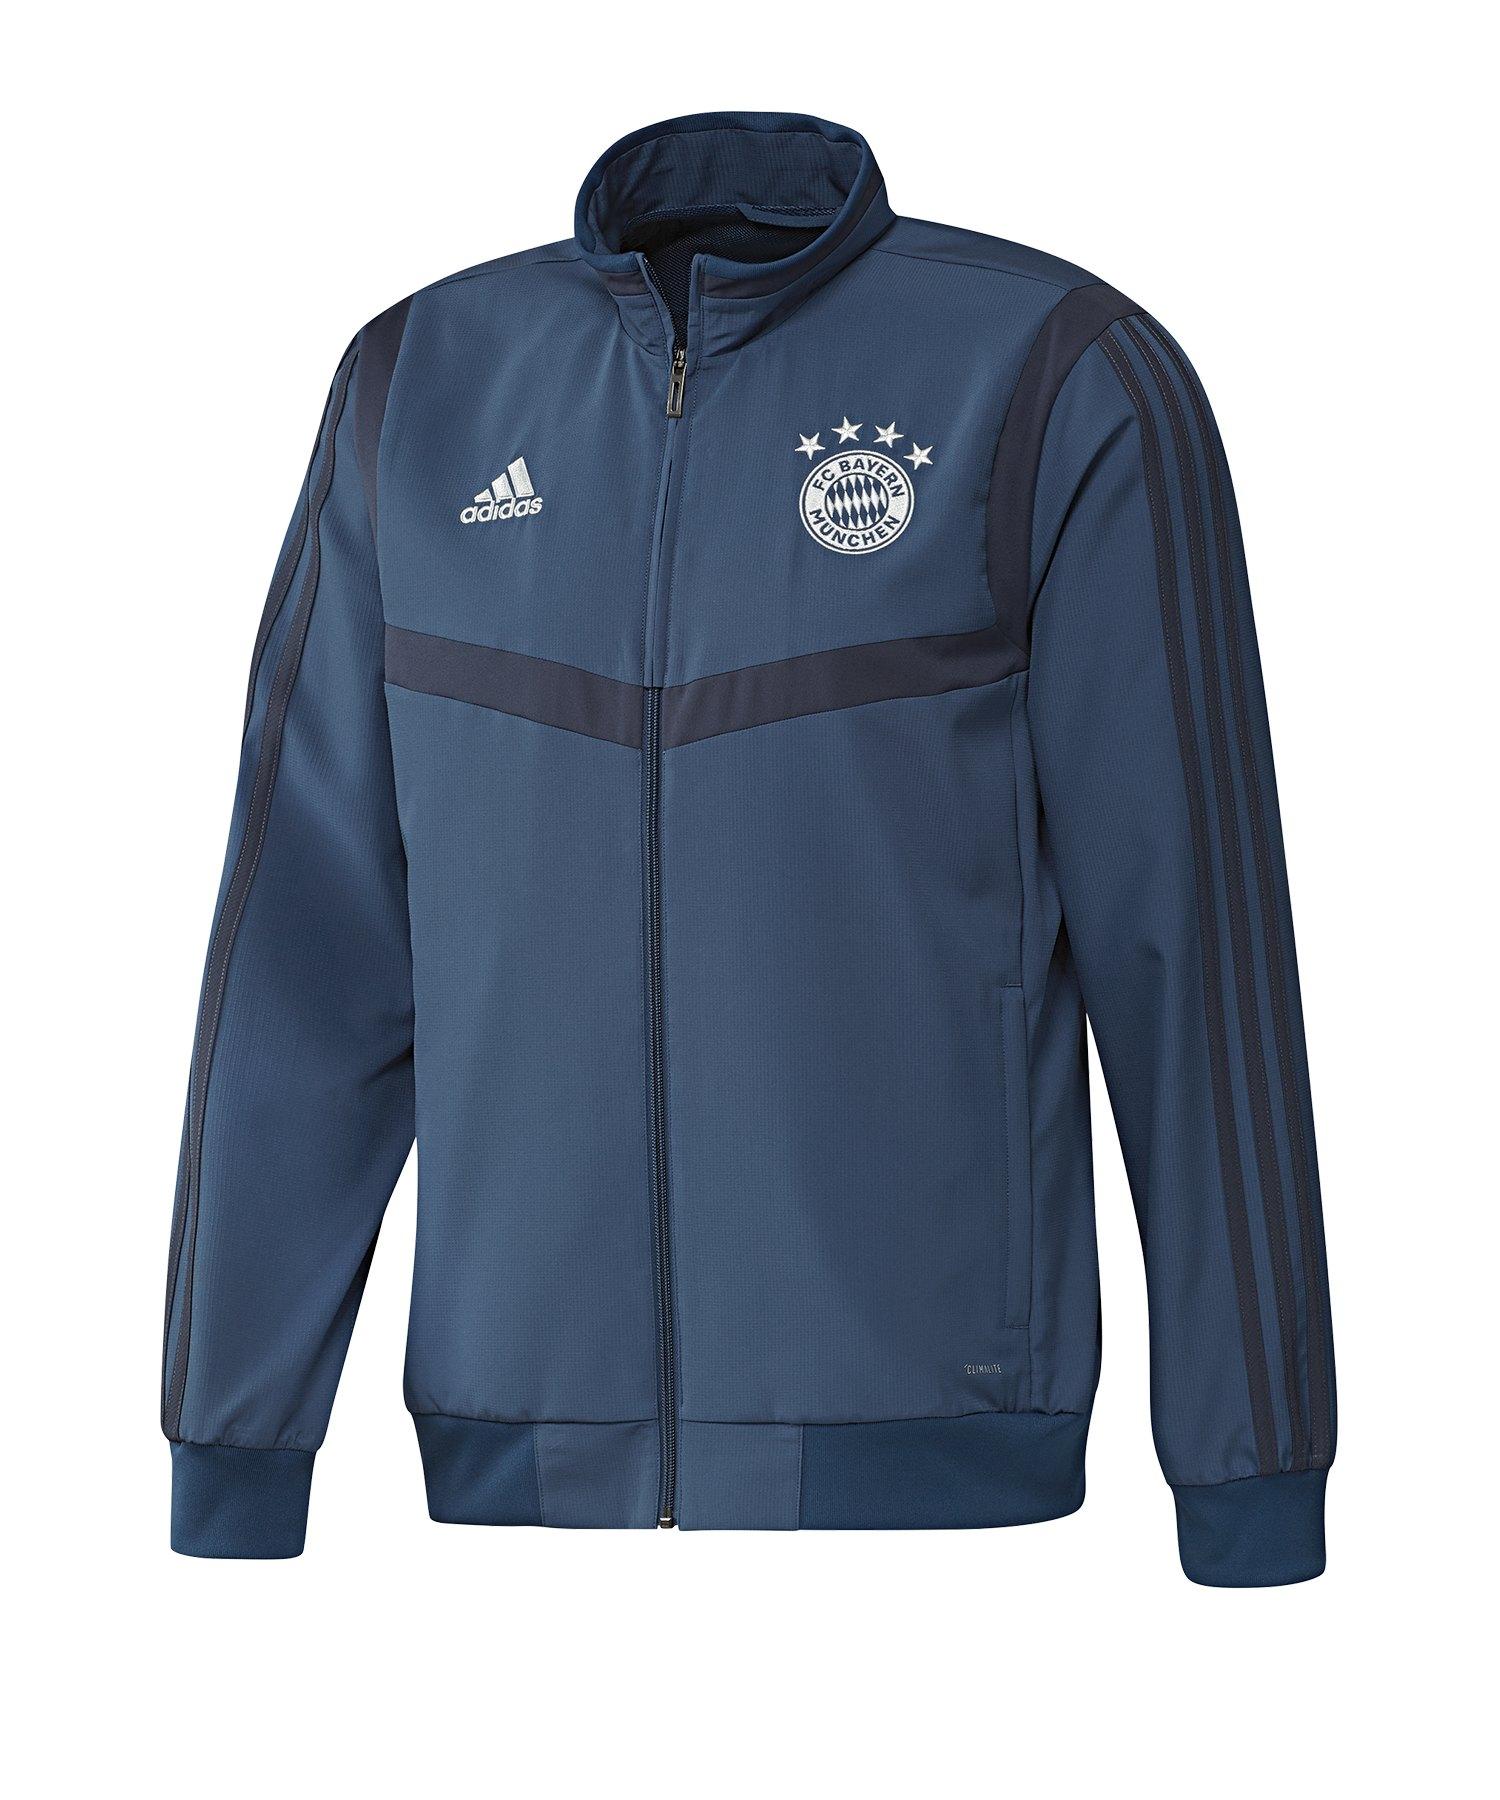 Details zu adidas Bayern München Jacke Stadion Winterjacke